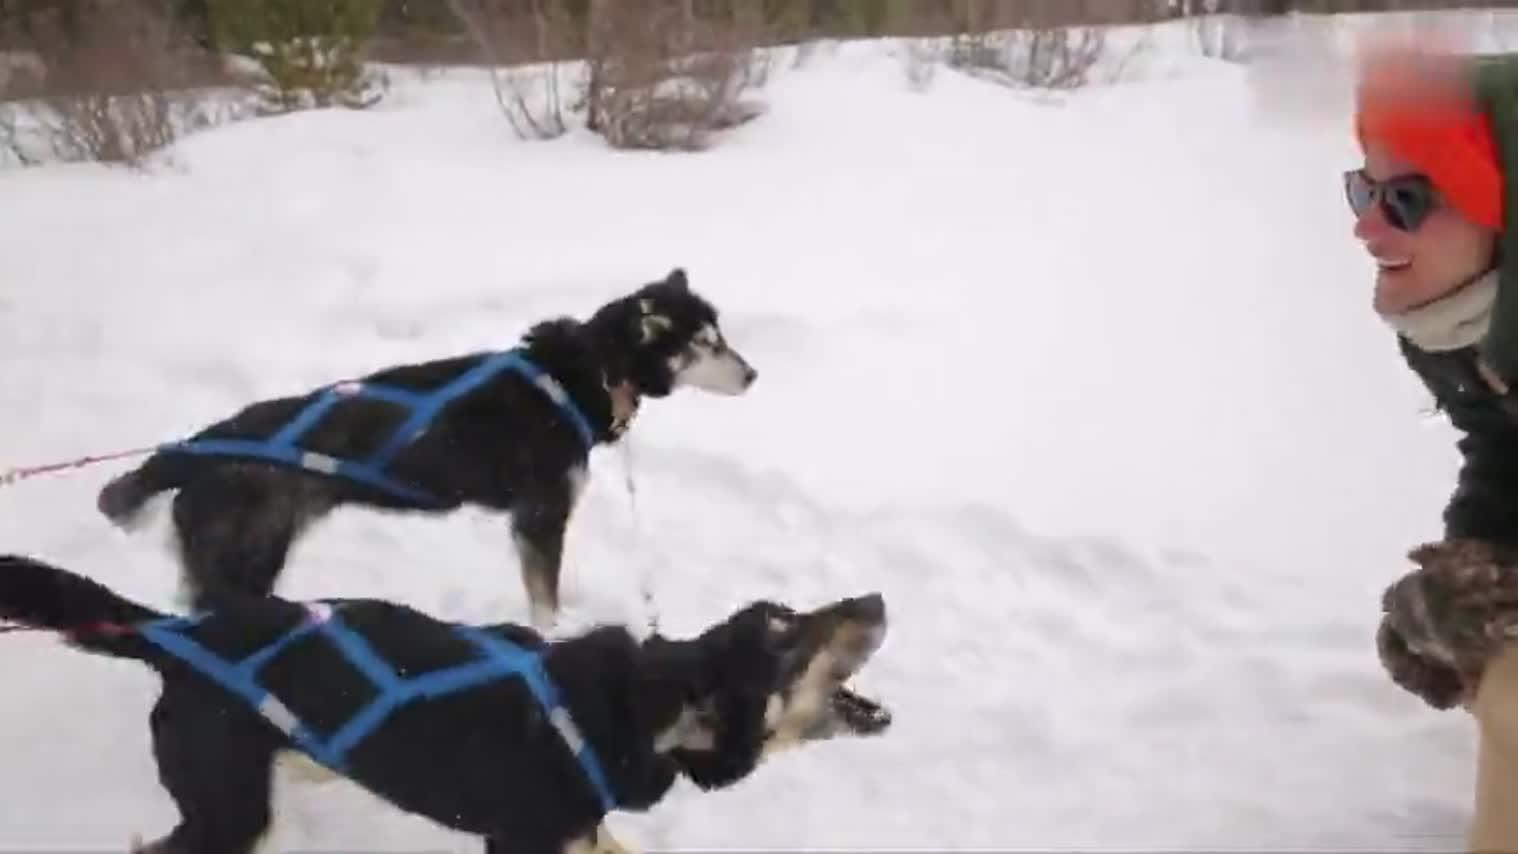 铁叔体验在 @加拿大艾伯塔省旅游局  艾伯塔省斯普雷湖上坐狗拉雪橇